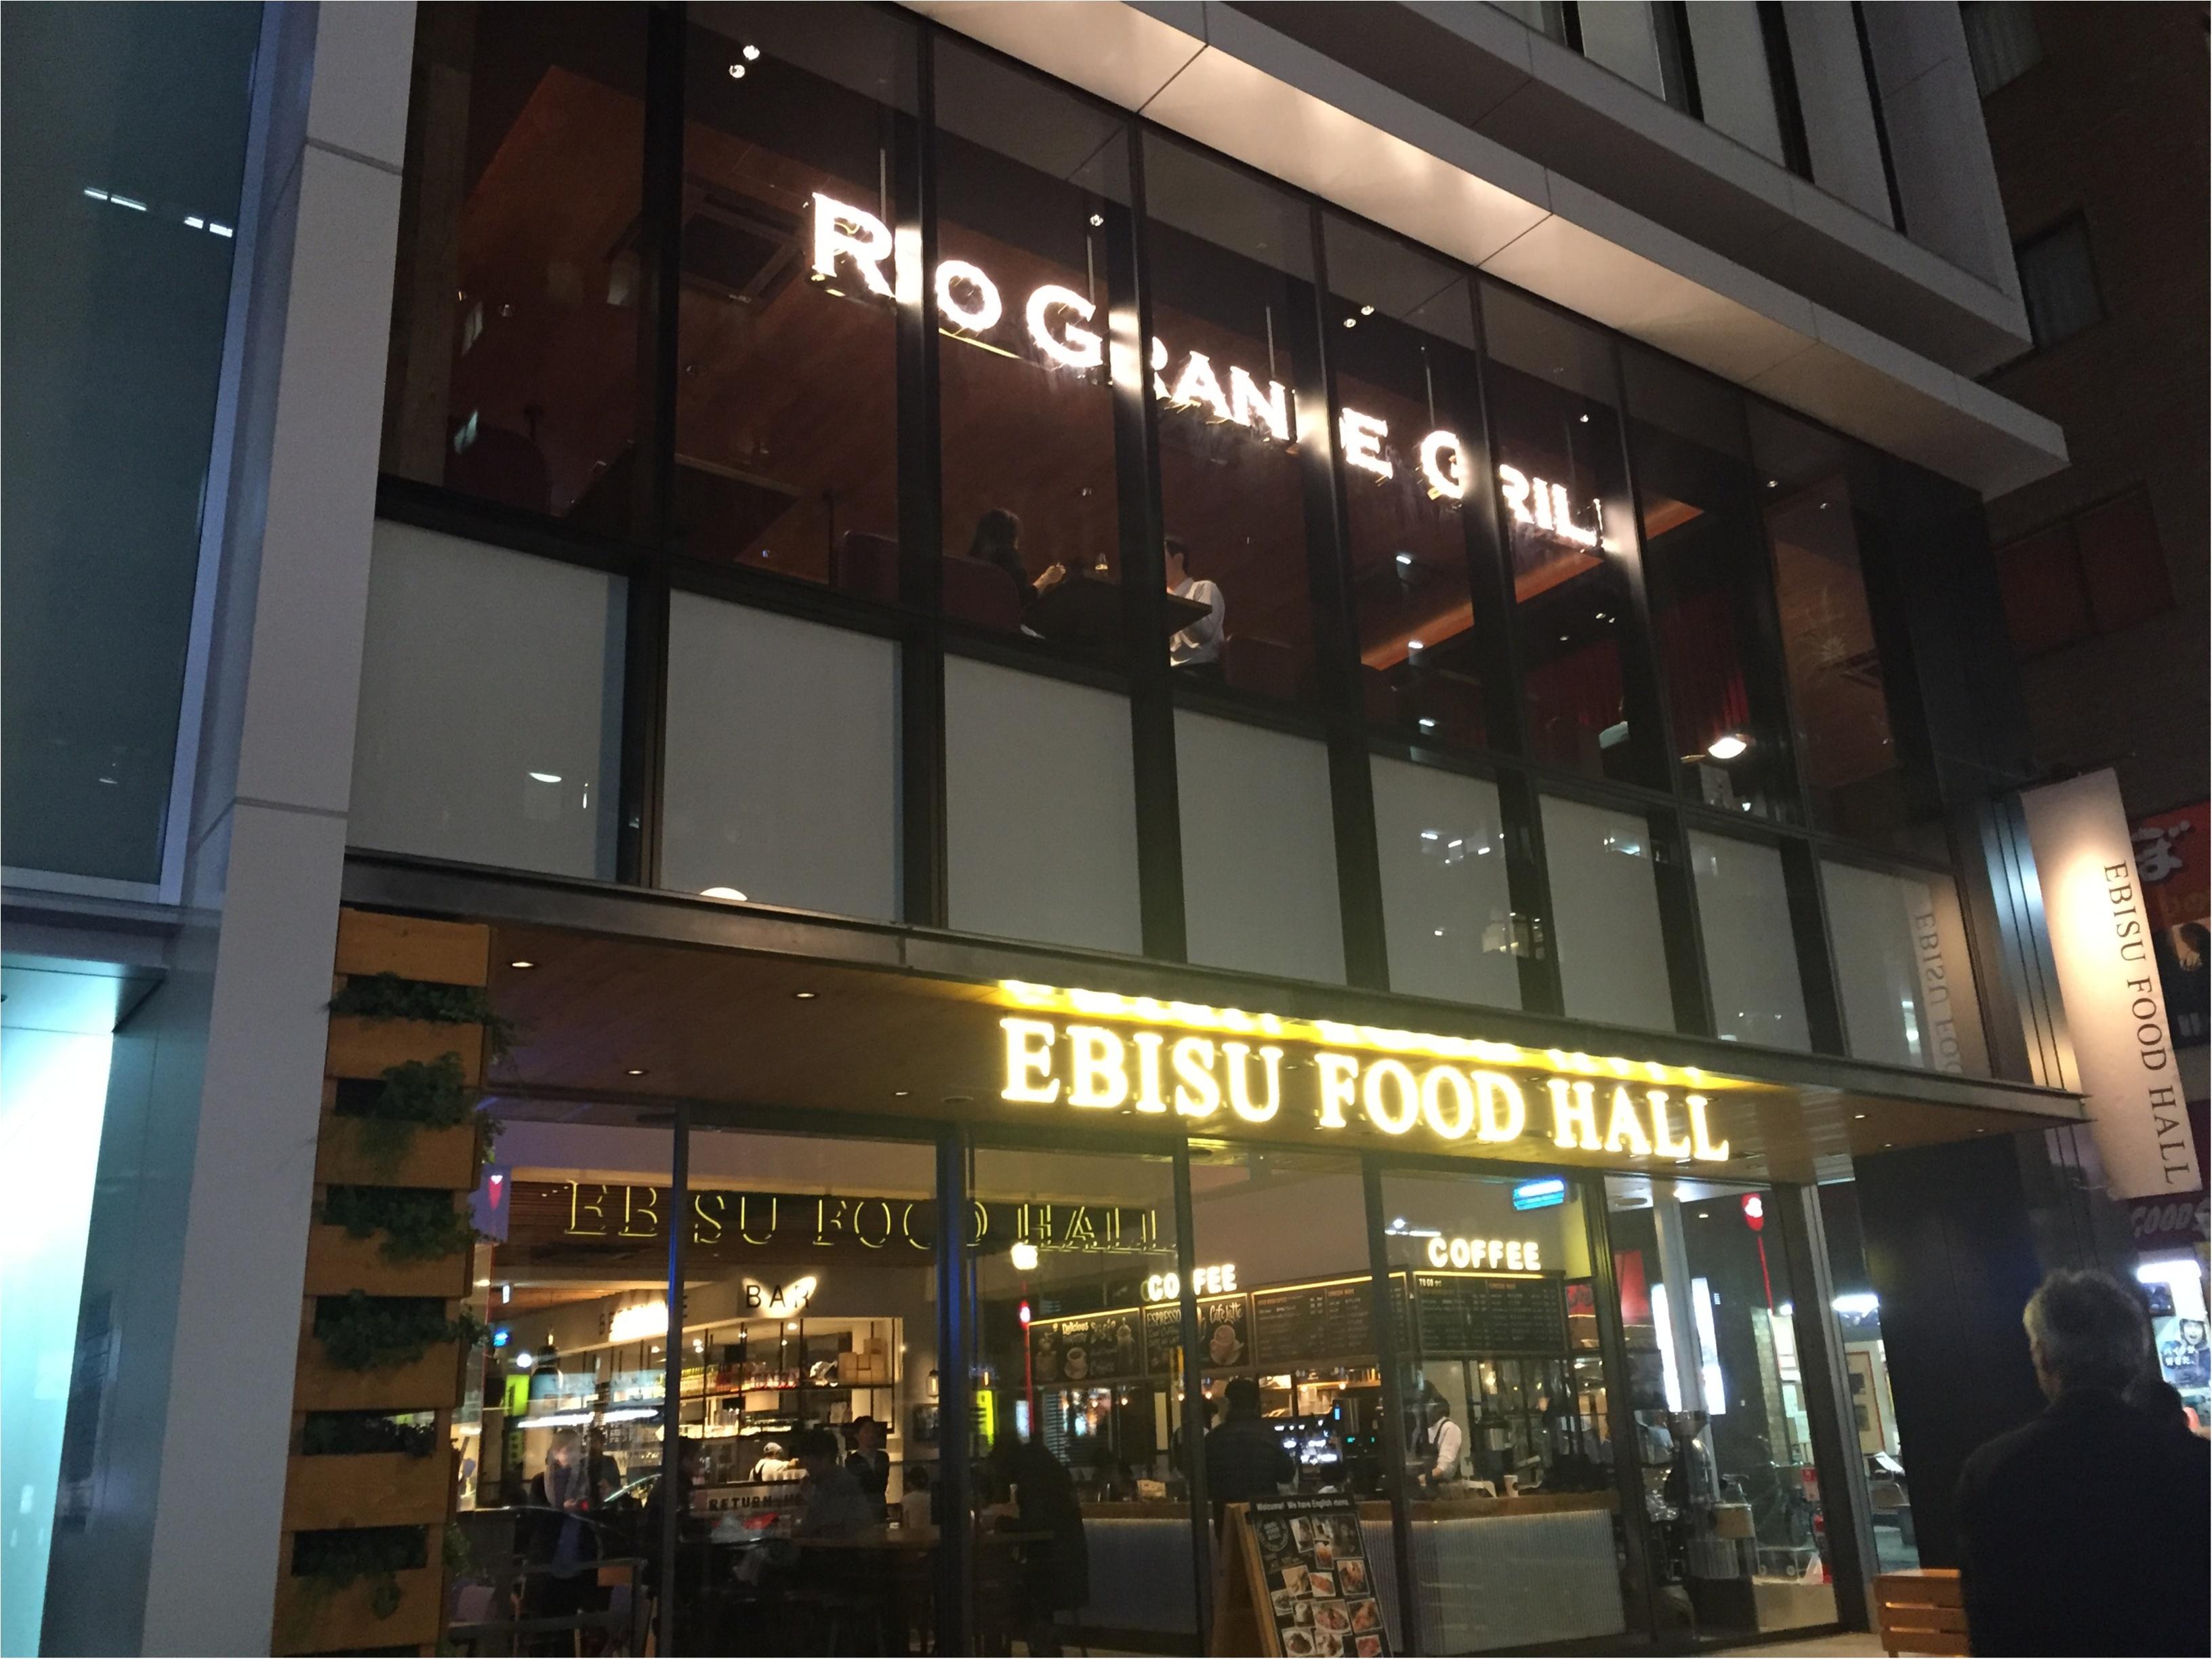 【シュラスコ専門店/RIO GRANDE GRILL】黒毛和牛も好きなだけ♡店内は大人なラグジュアリー空間✨≪samenyan≫_1